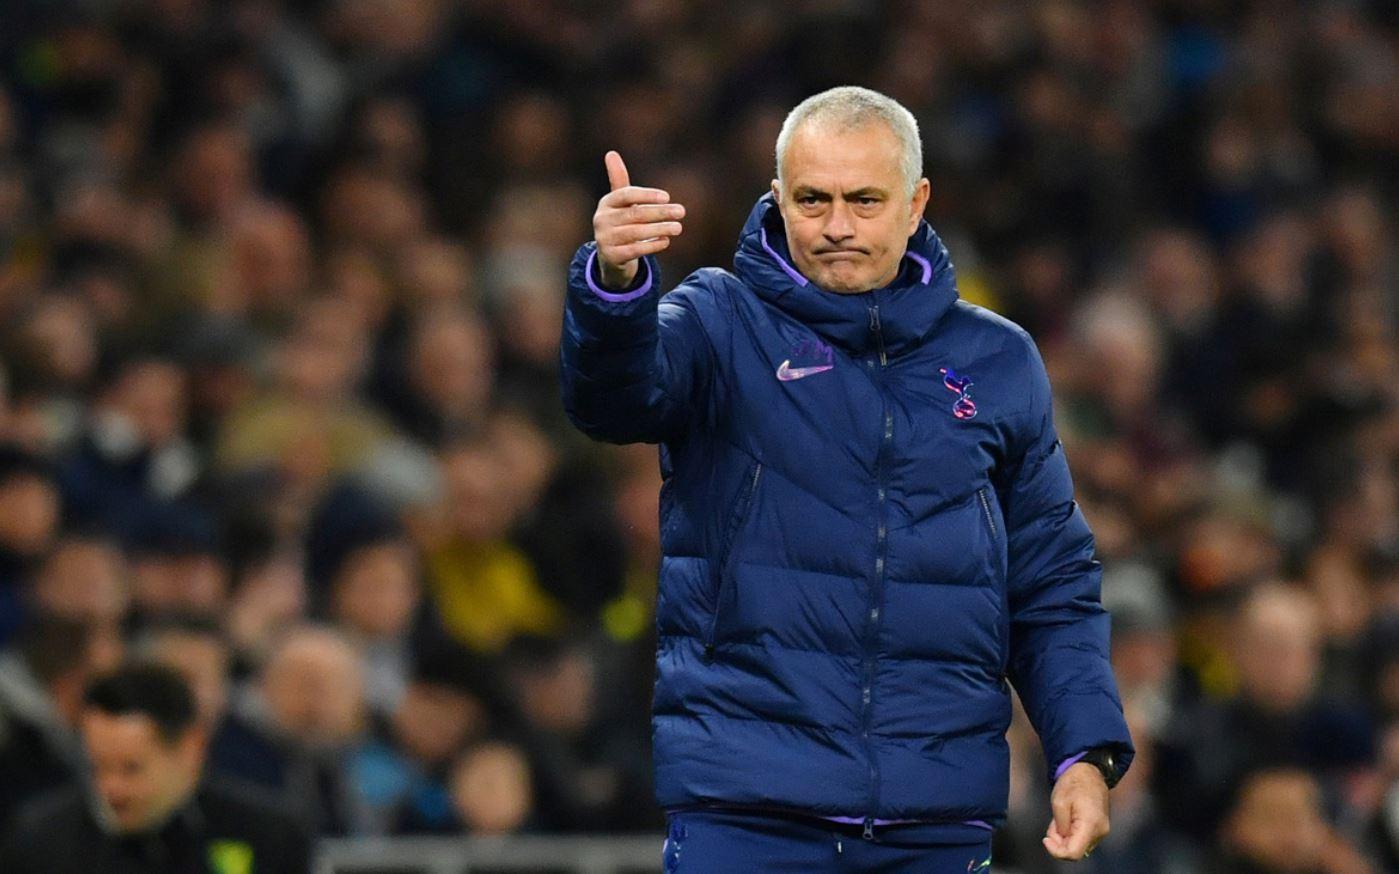 Mengenang Satu Tahun Jose Mourinho bersama Spurs: Saya Gembira Berada Di Sini 1 - marketpialadunia.com